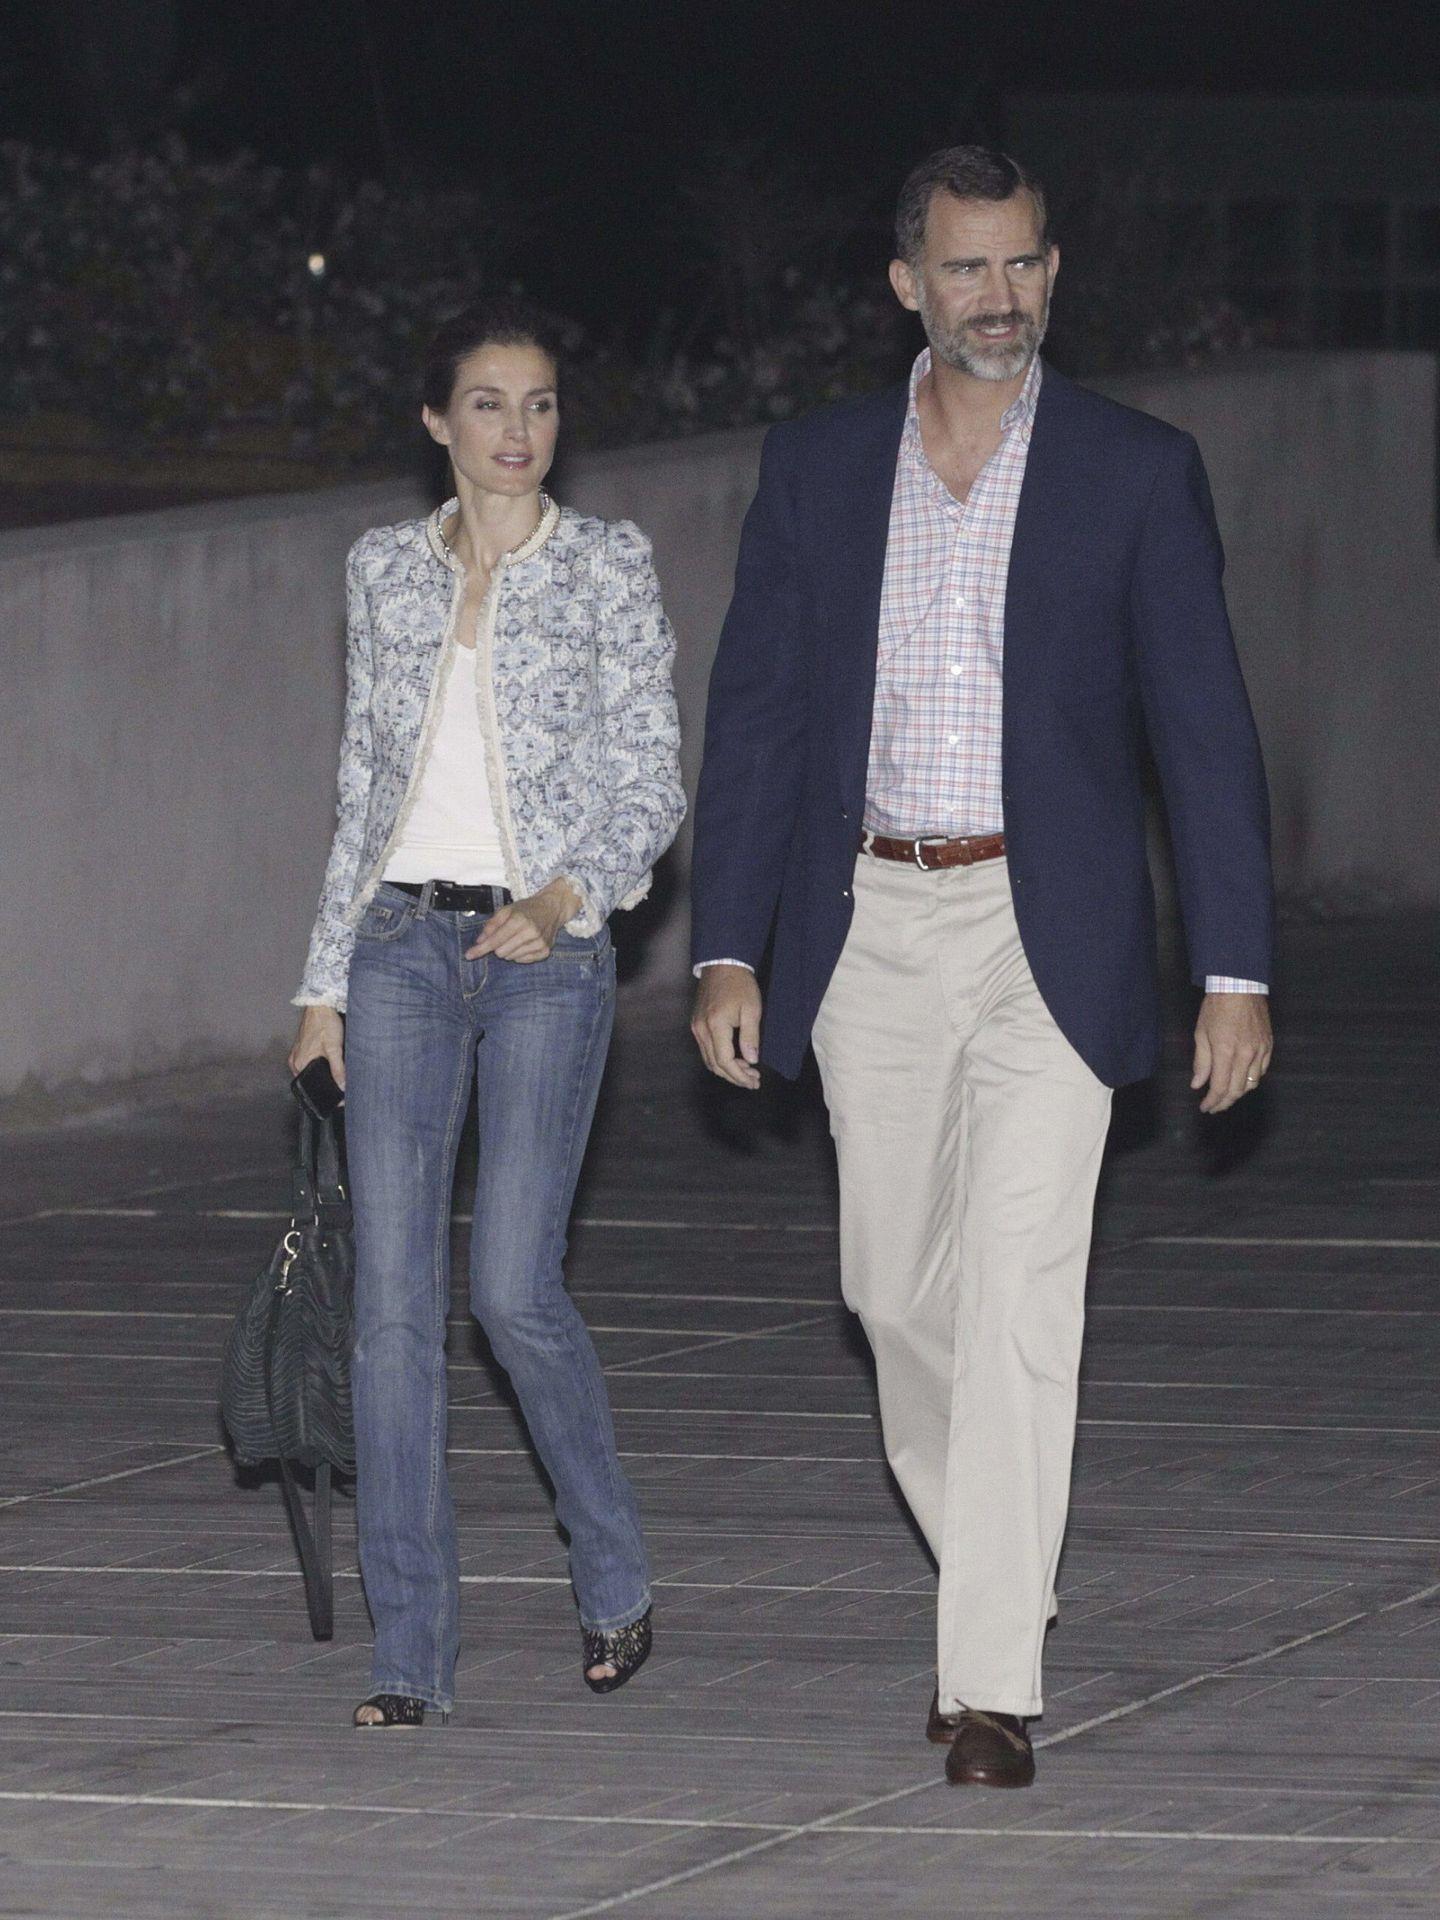 Felipe y Letizia en 2013 cuando todavía eran príncipes. (EFE)